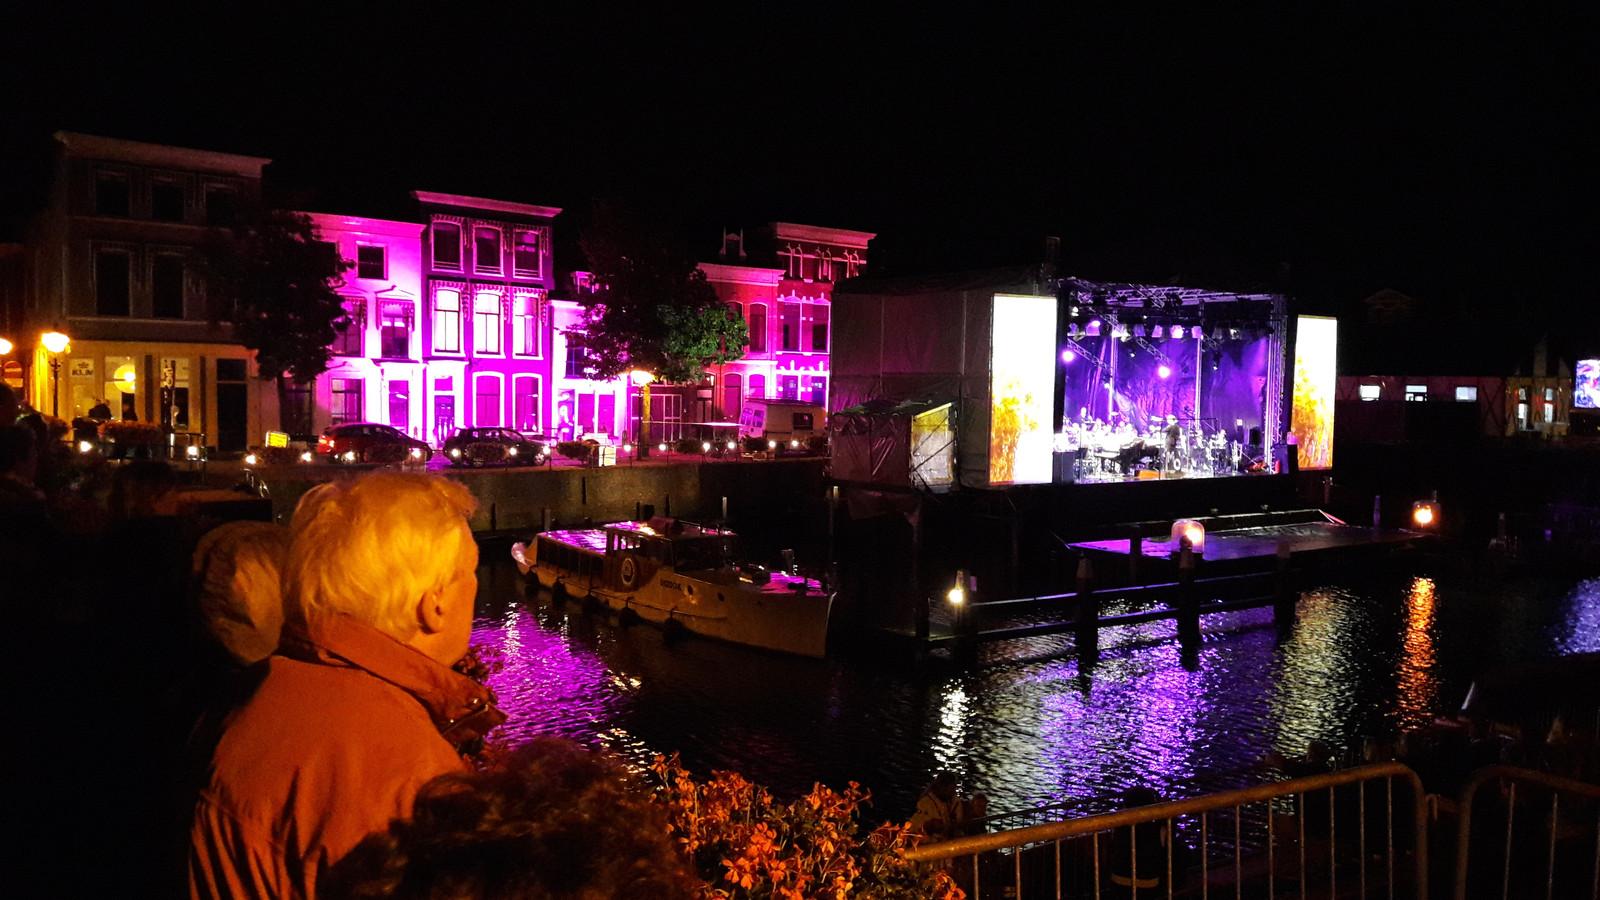 Publiek kijkt vanaf de Peterbrug naar het podium in de Lingehaven tijdens de editie van 2017 van het Lingehavenconcert in Gorinchem.